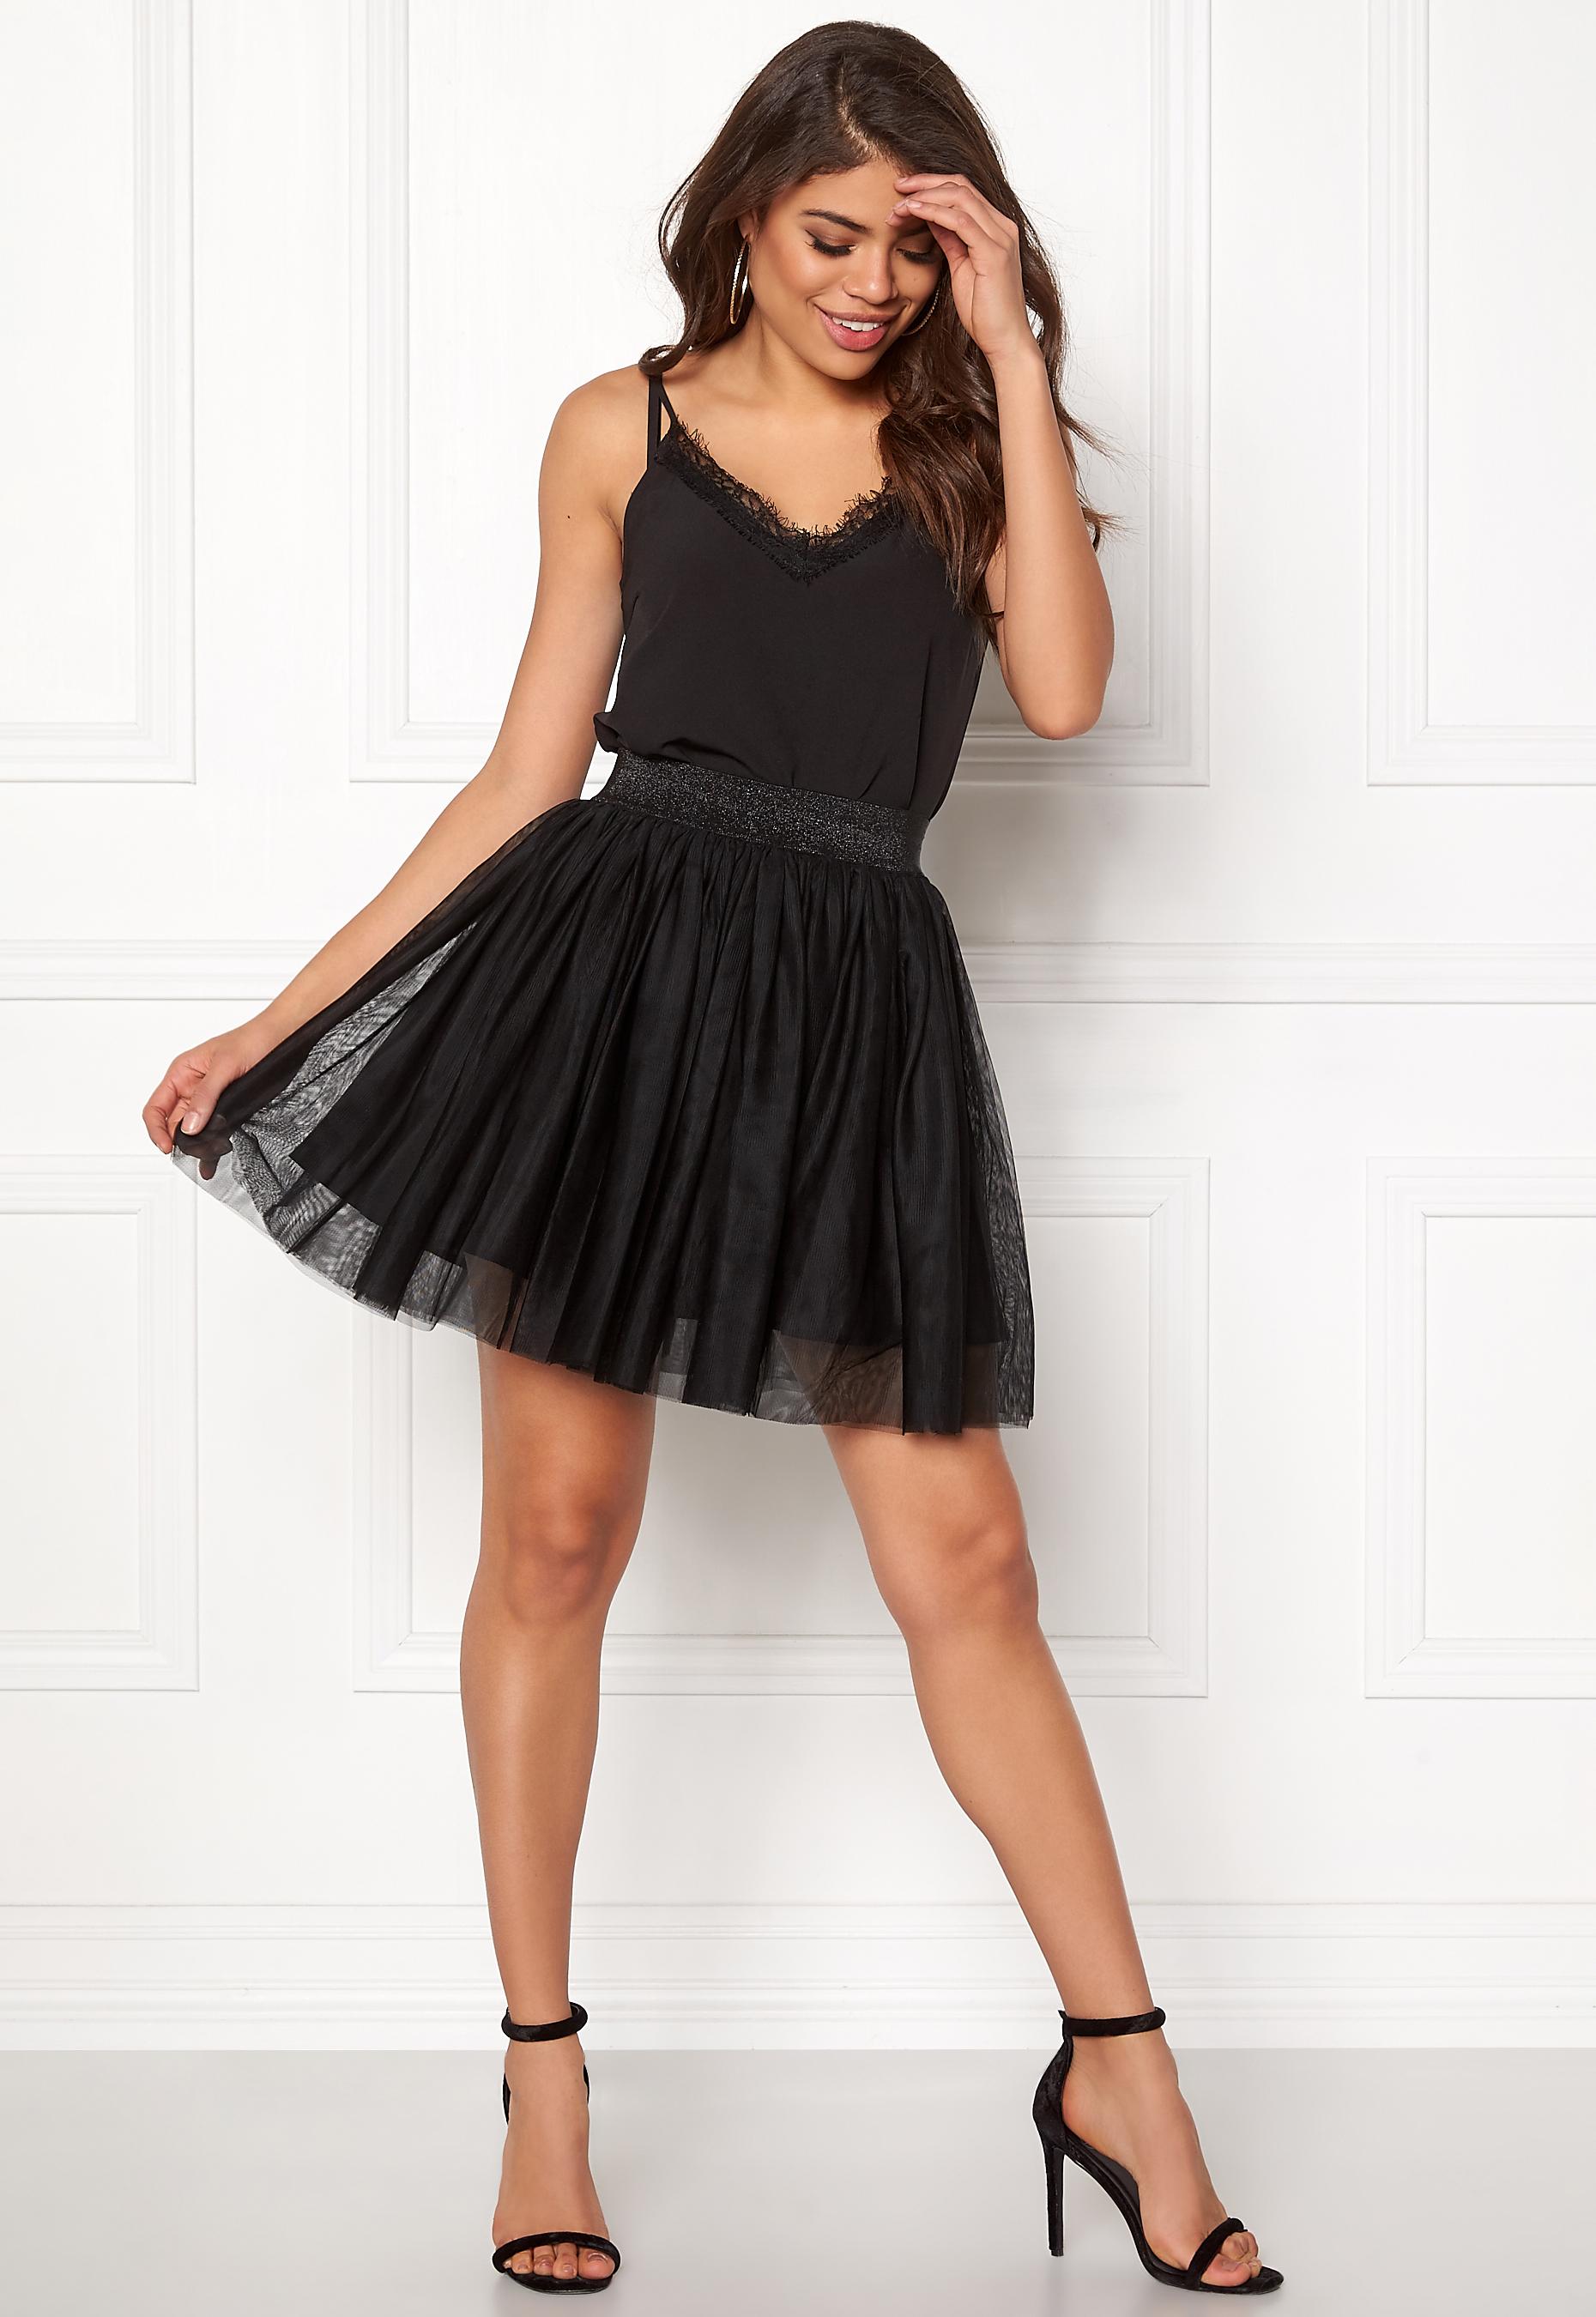 e82d61b827 VERO MODA Tulle Short Skirt Black - Bubbleroom